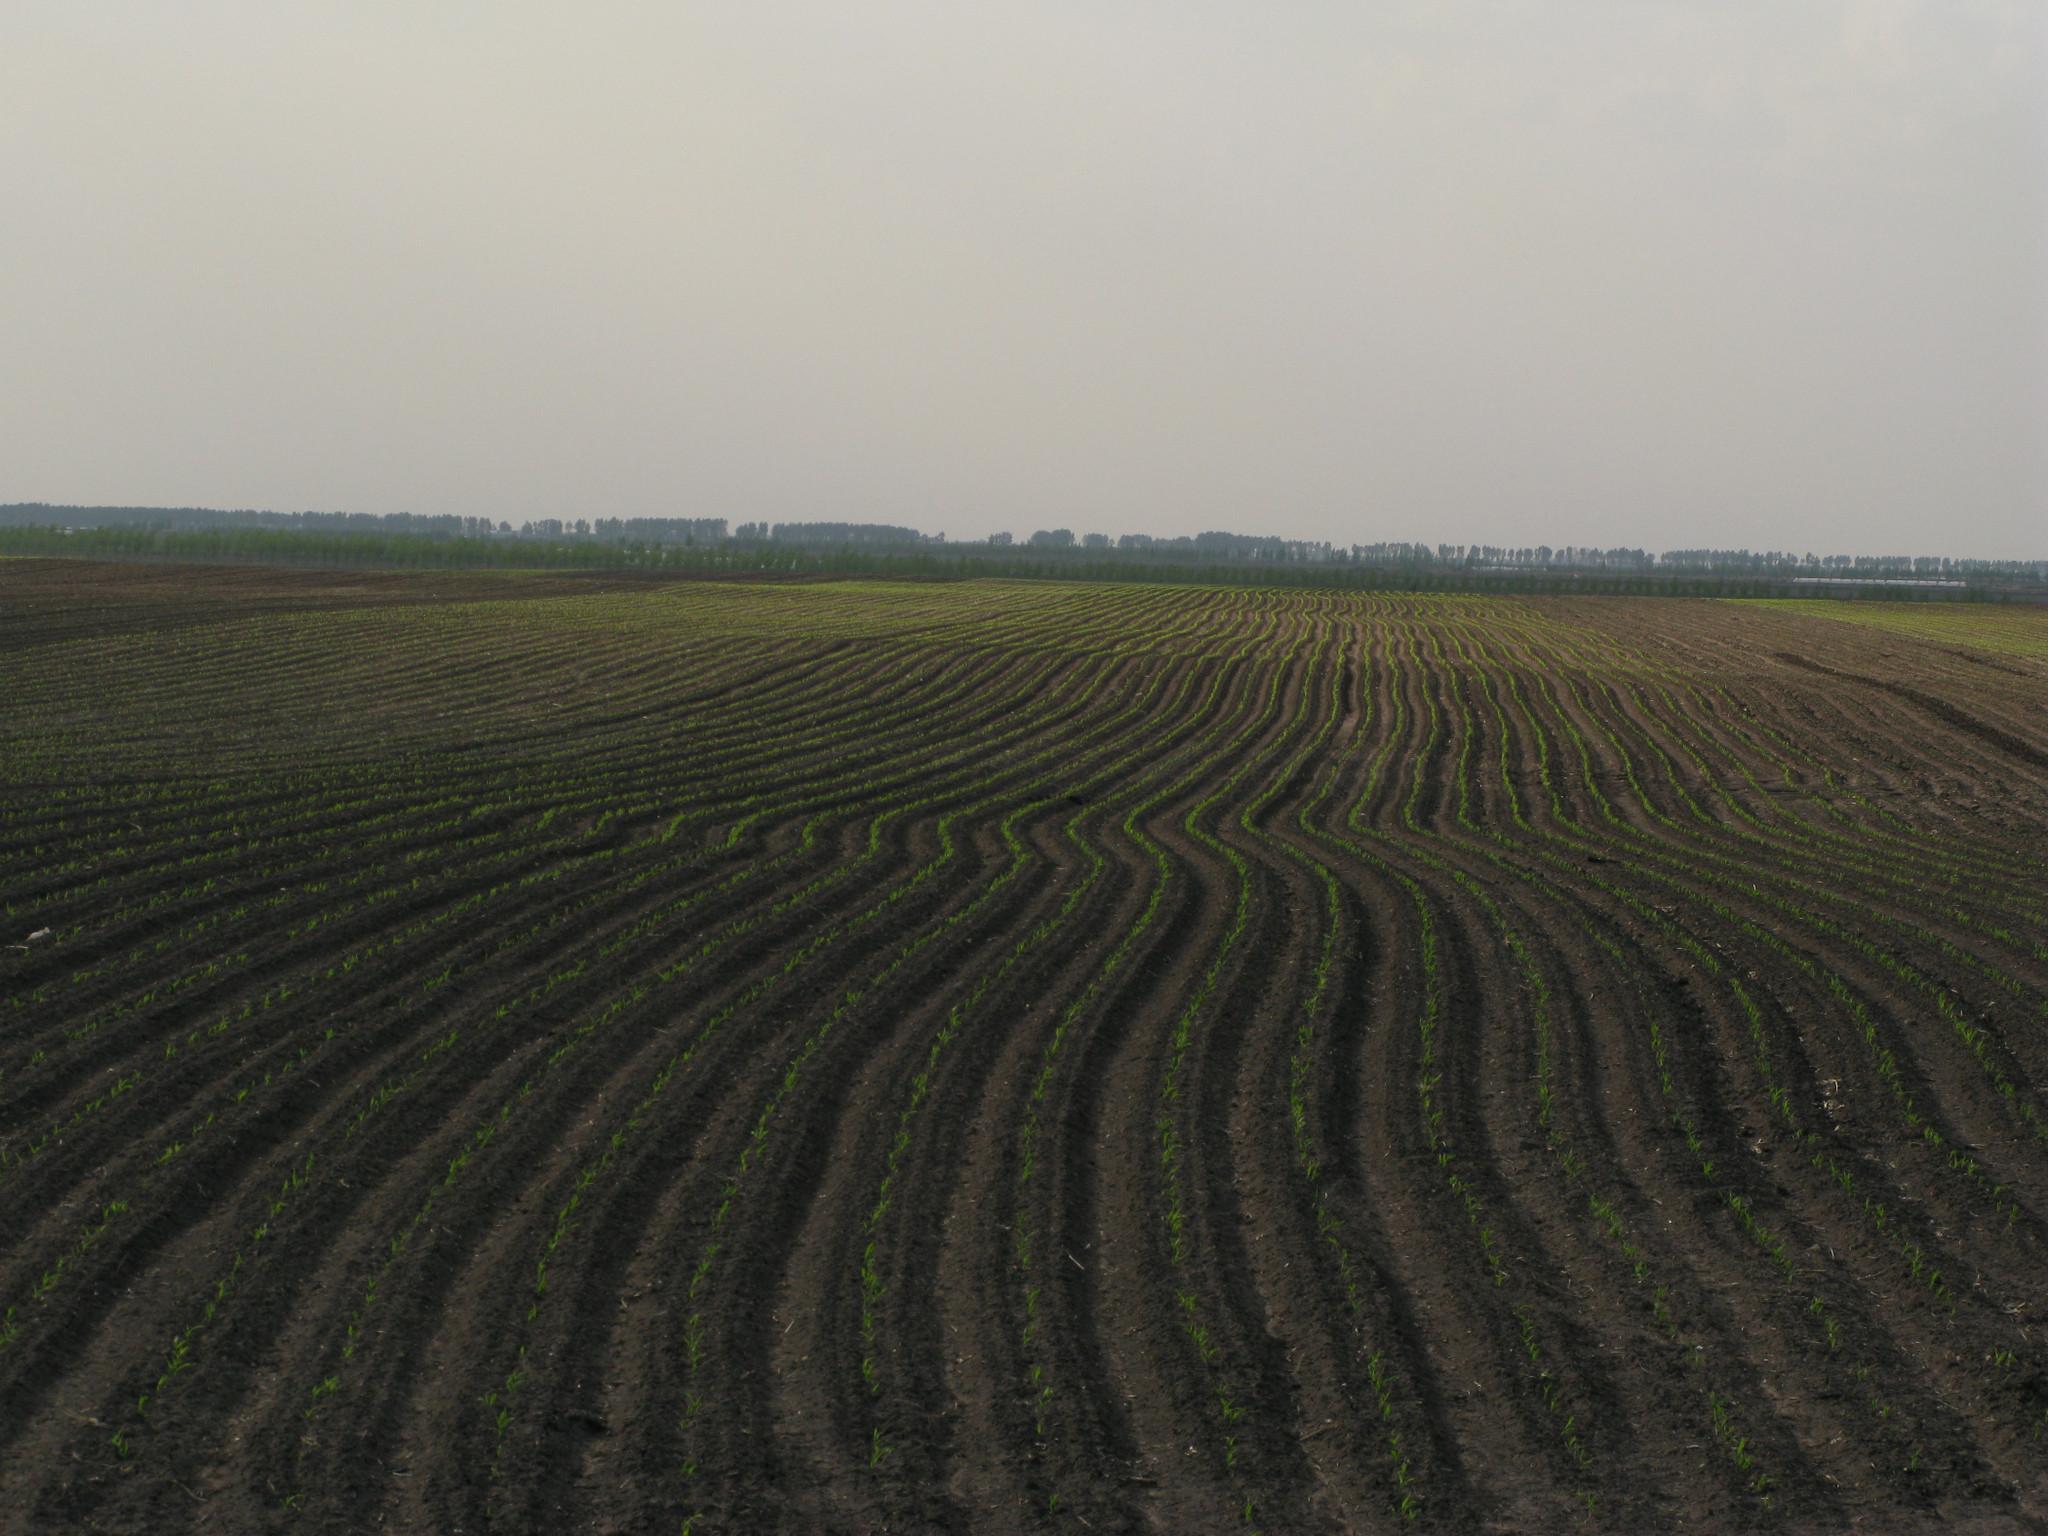 土地督察 十三五 规划印发 严守耕地保护红线成重点 -资讯详情